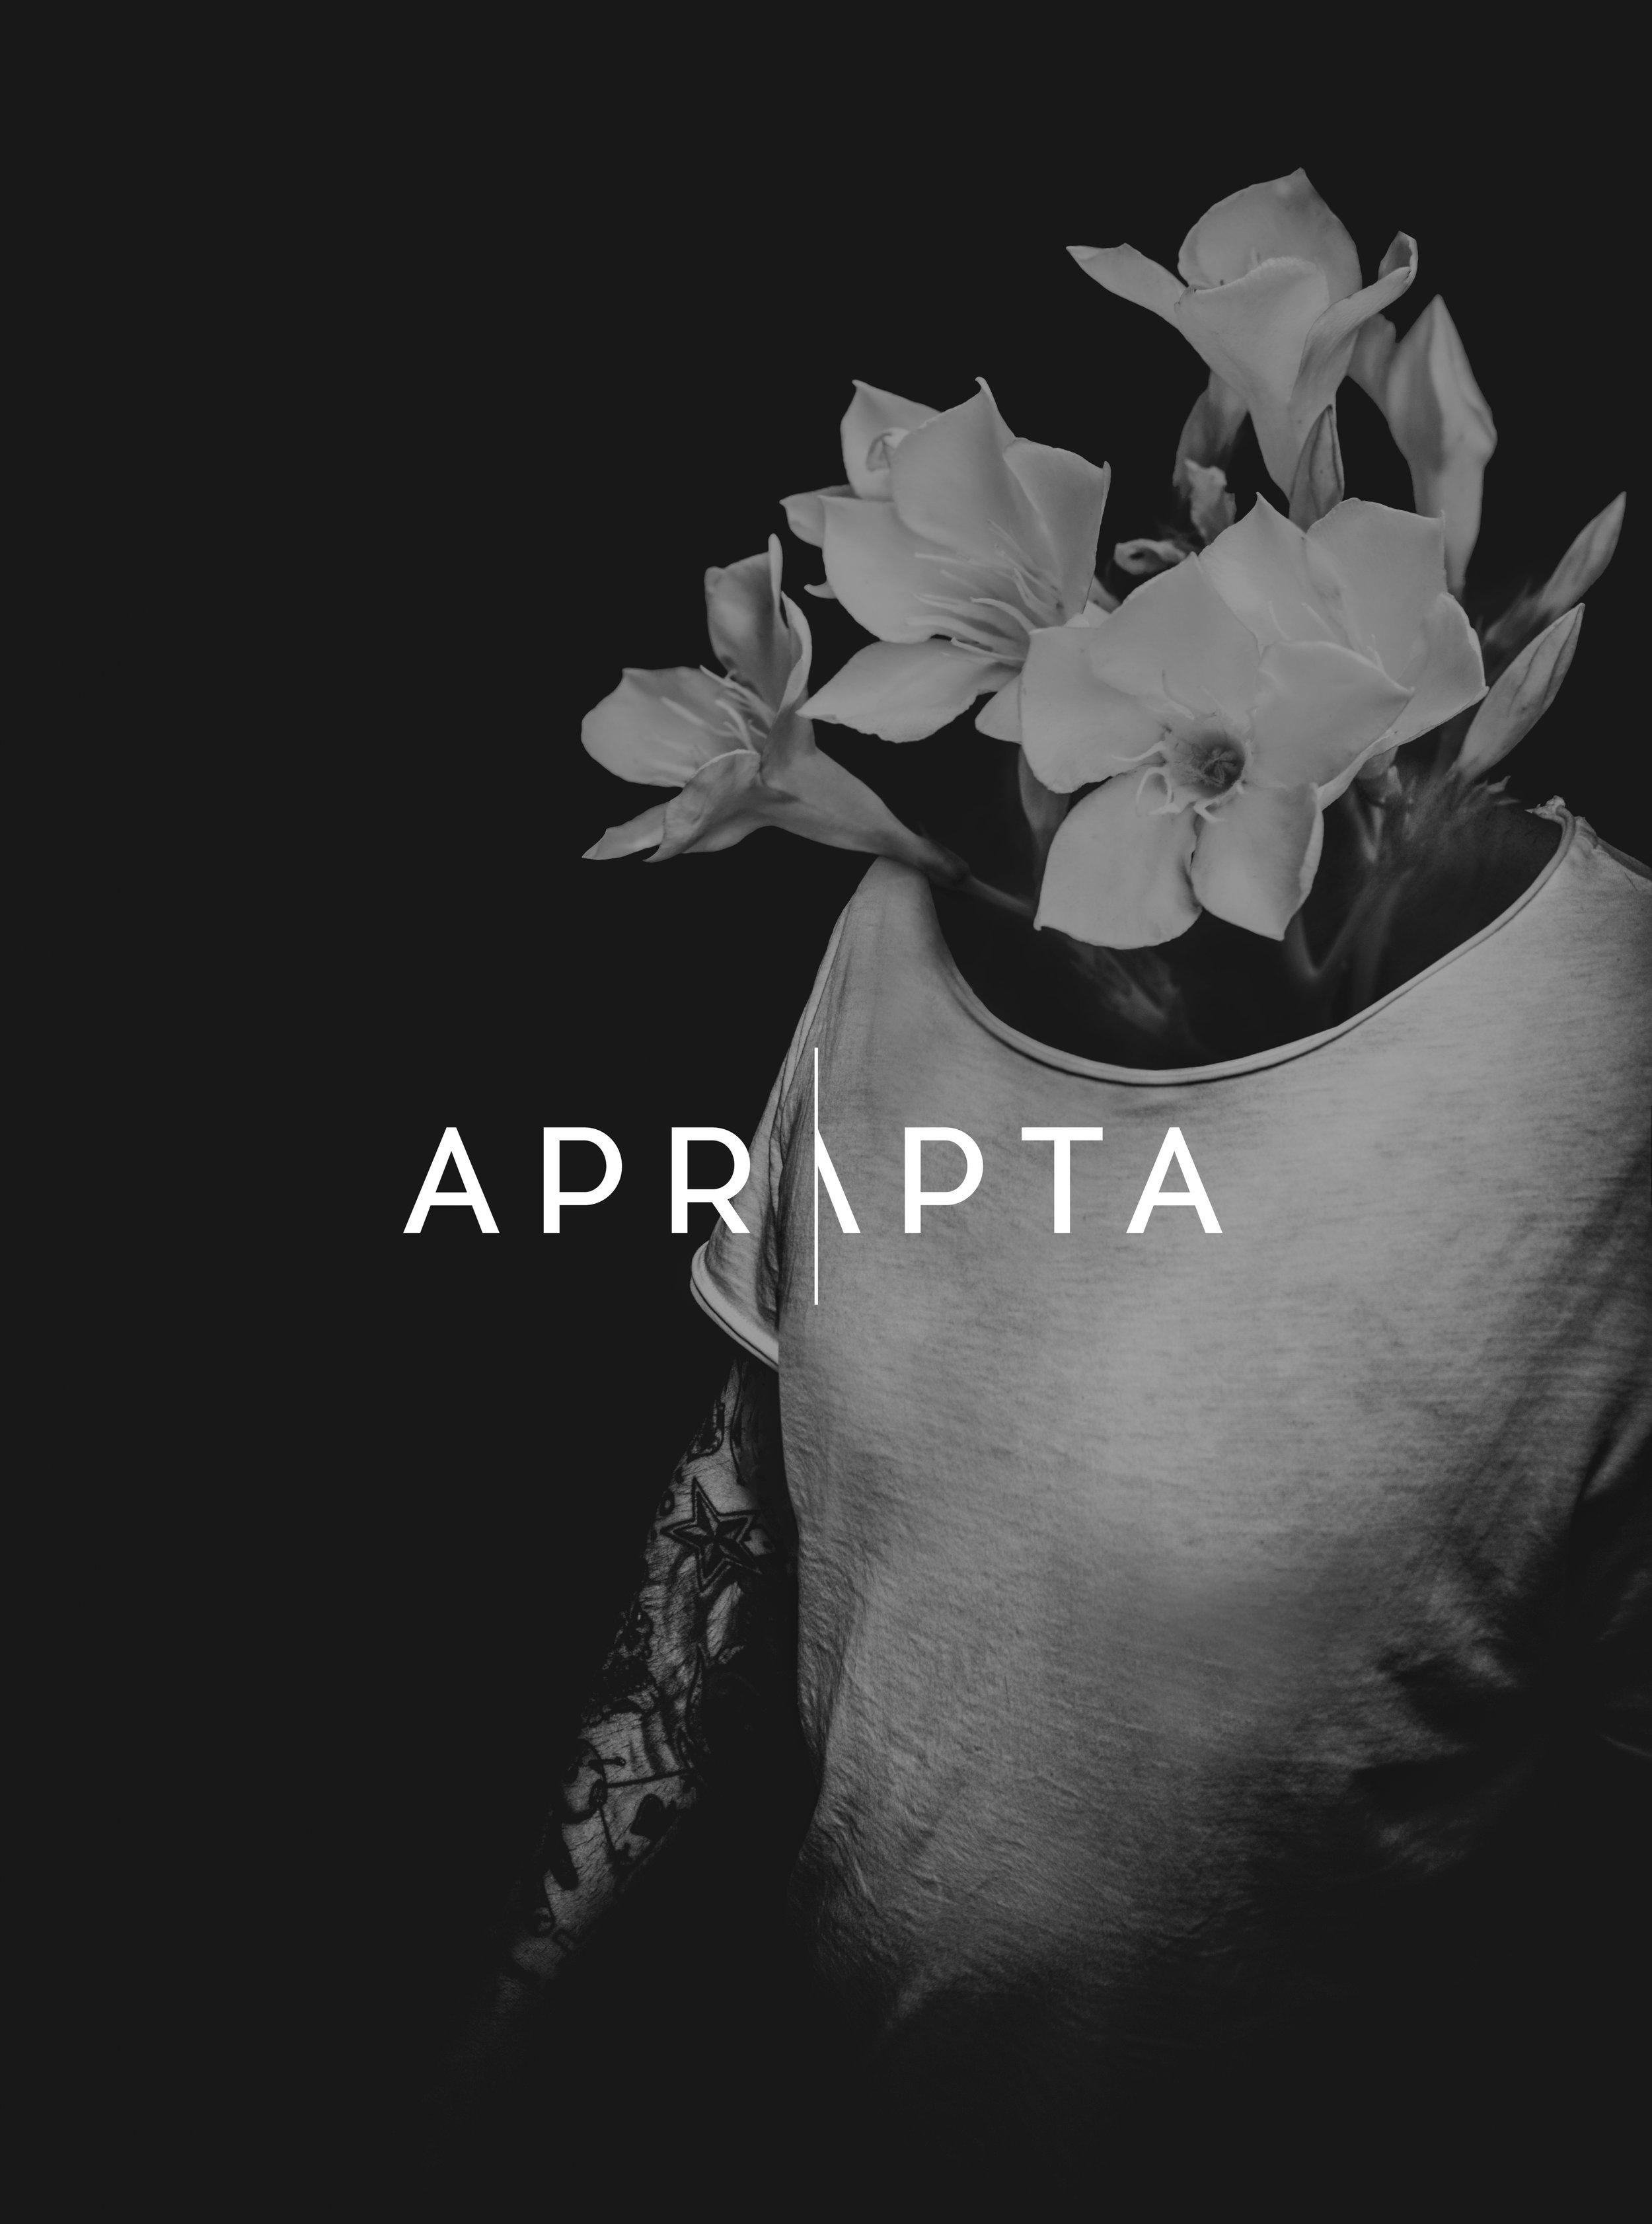 Aprapta_Artist_Logo_print_size.jpg